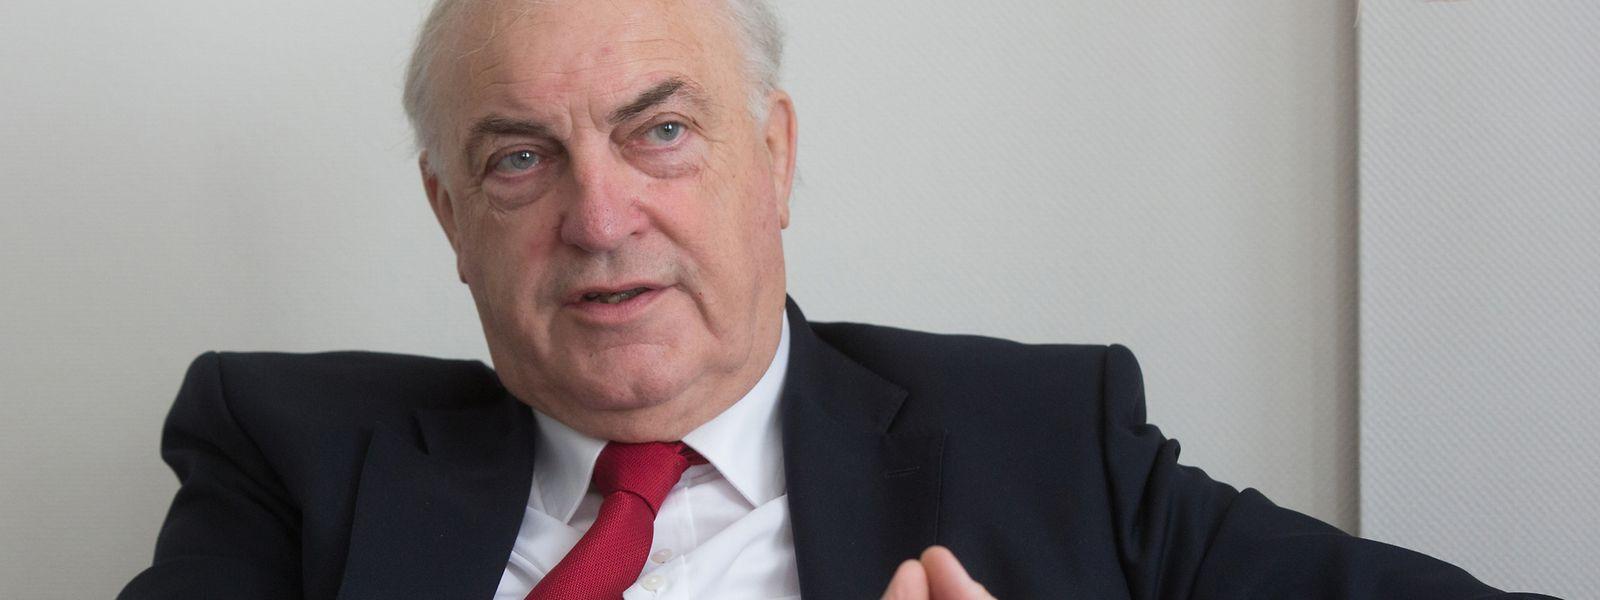 Charles Goerens hat gute Chancen bei den Europawahlen. Sollte er gewählt werden, will er sein Mandat bis zum letzten Tag ausüben.